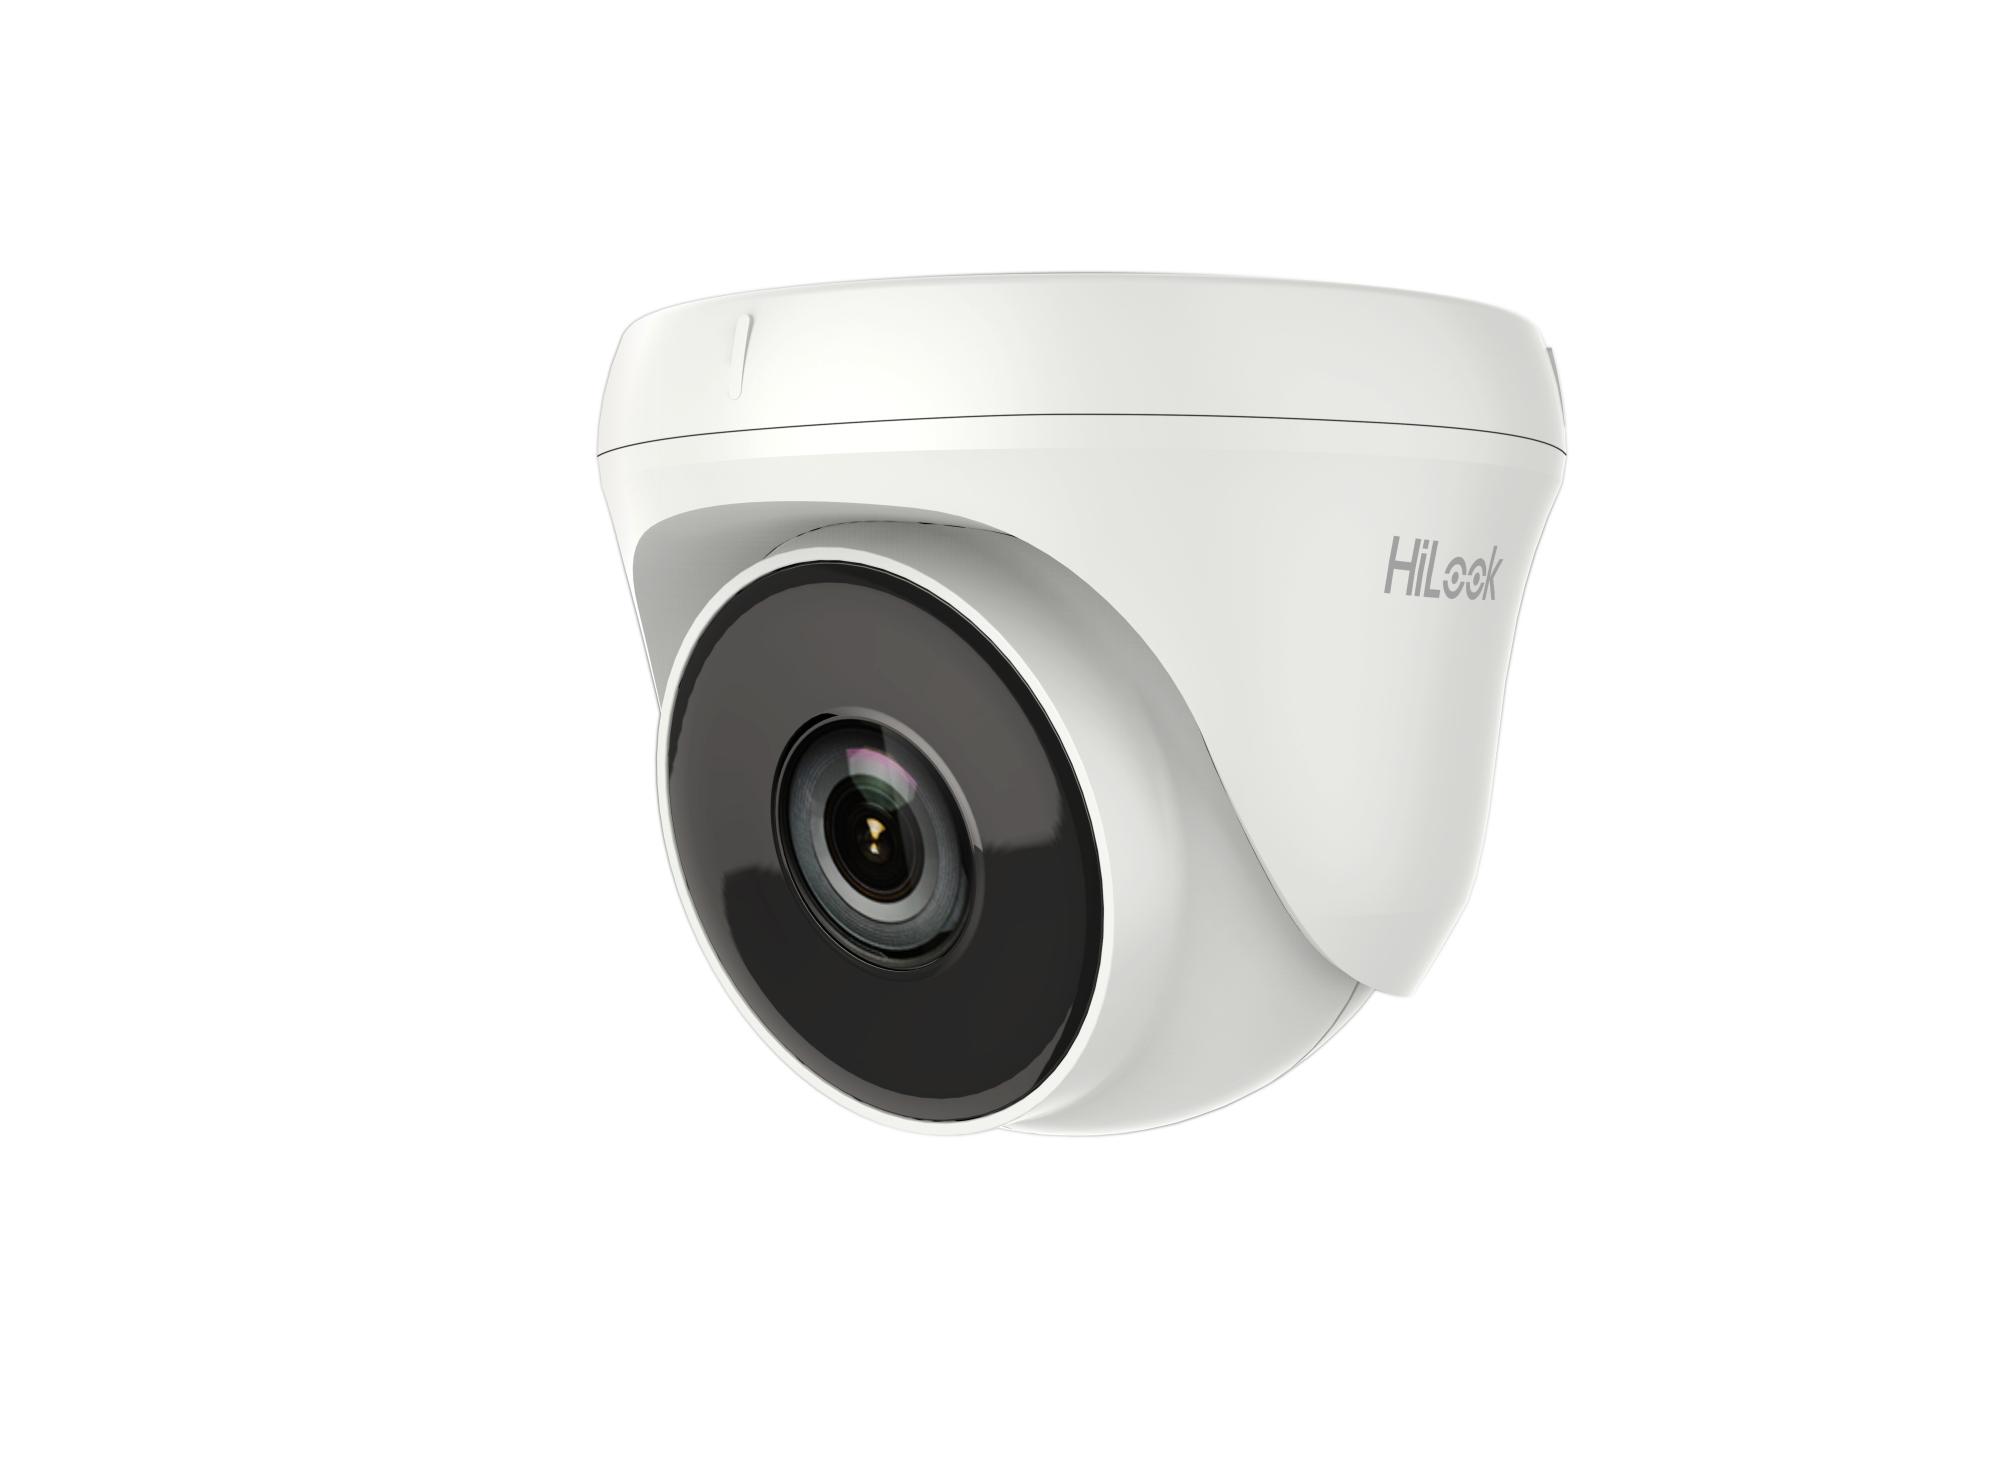 THC-T220-M CCTV SECURITY CAMERA INTERIOR Y EXTERIOR BLANCO 1920 X 1080PIXELES CáMARA DE VIGILANCIA